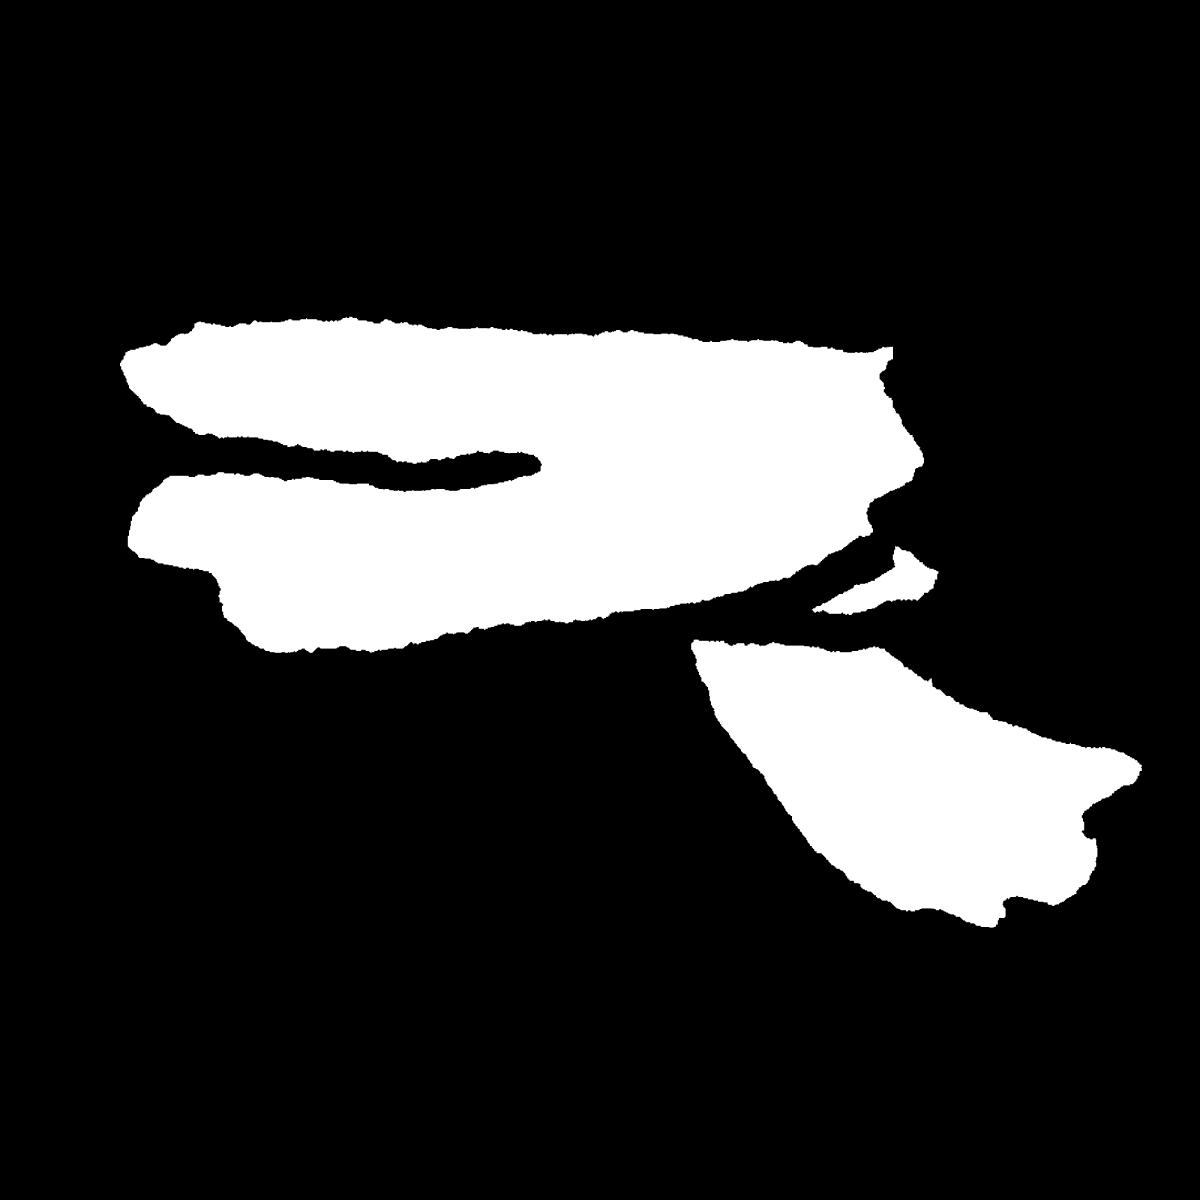 マフラー(3種)のイラスト Muffler (3kinds)  Illustration